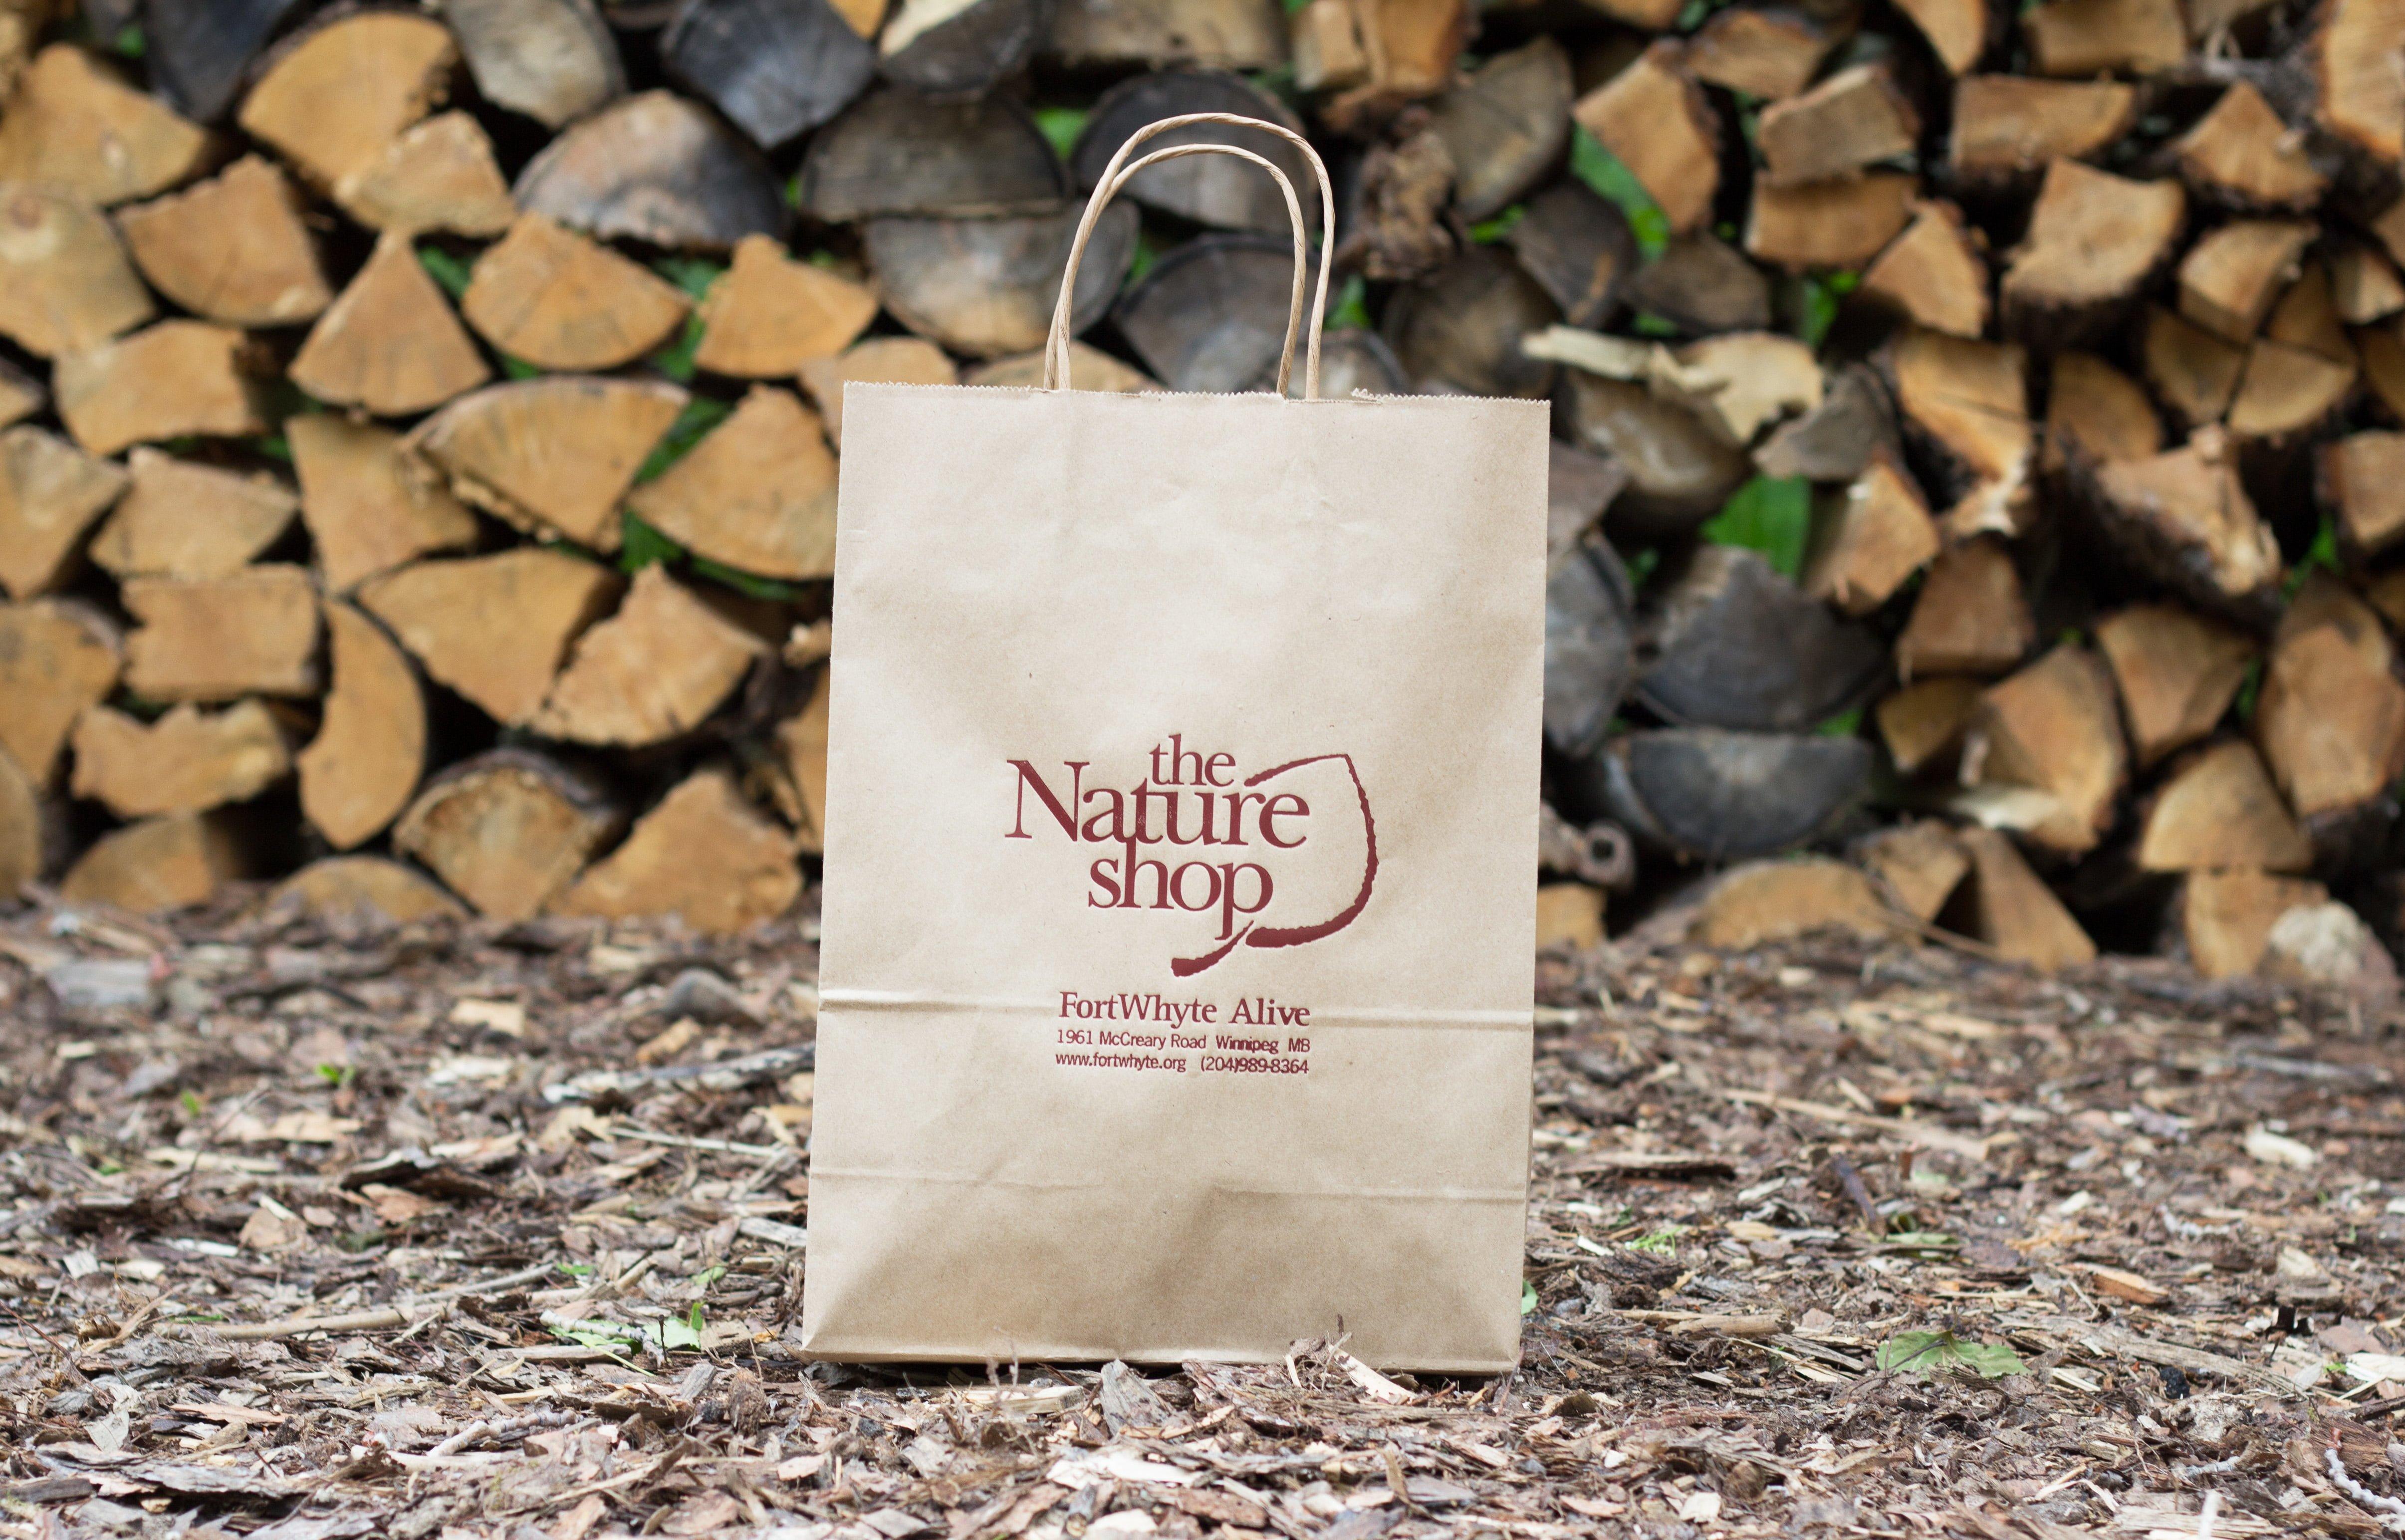 Nature Shop - FortWhyte AliveFortWhyte Alive